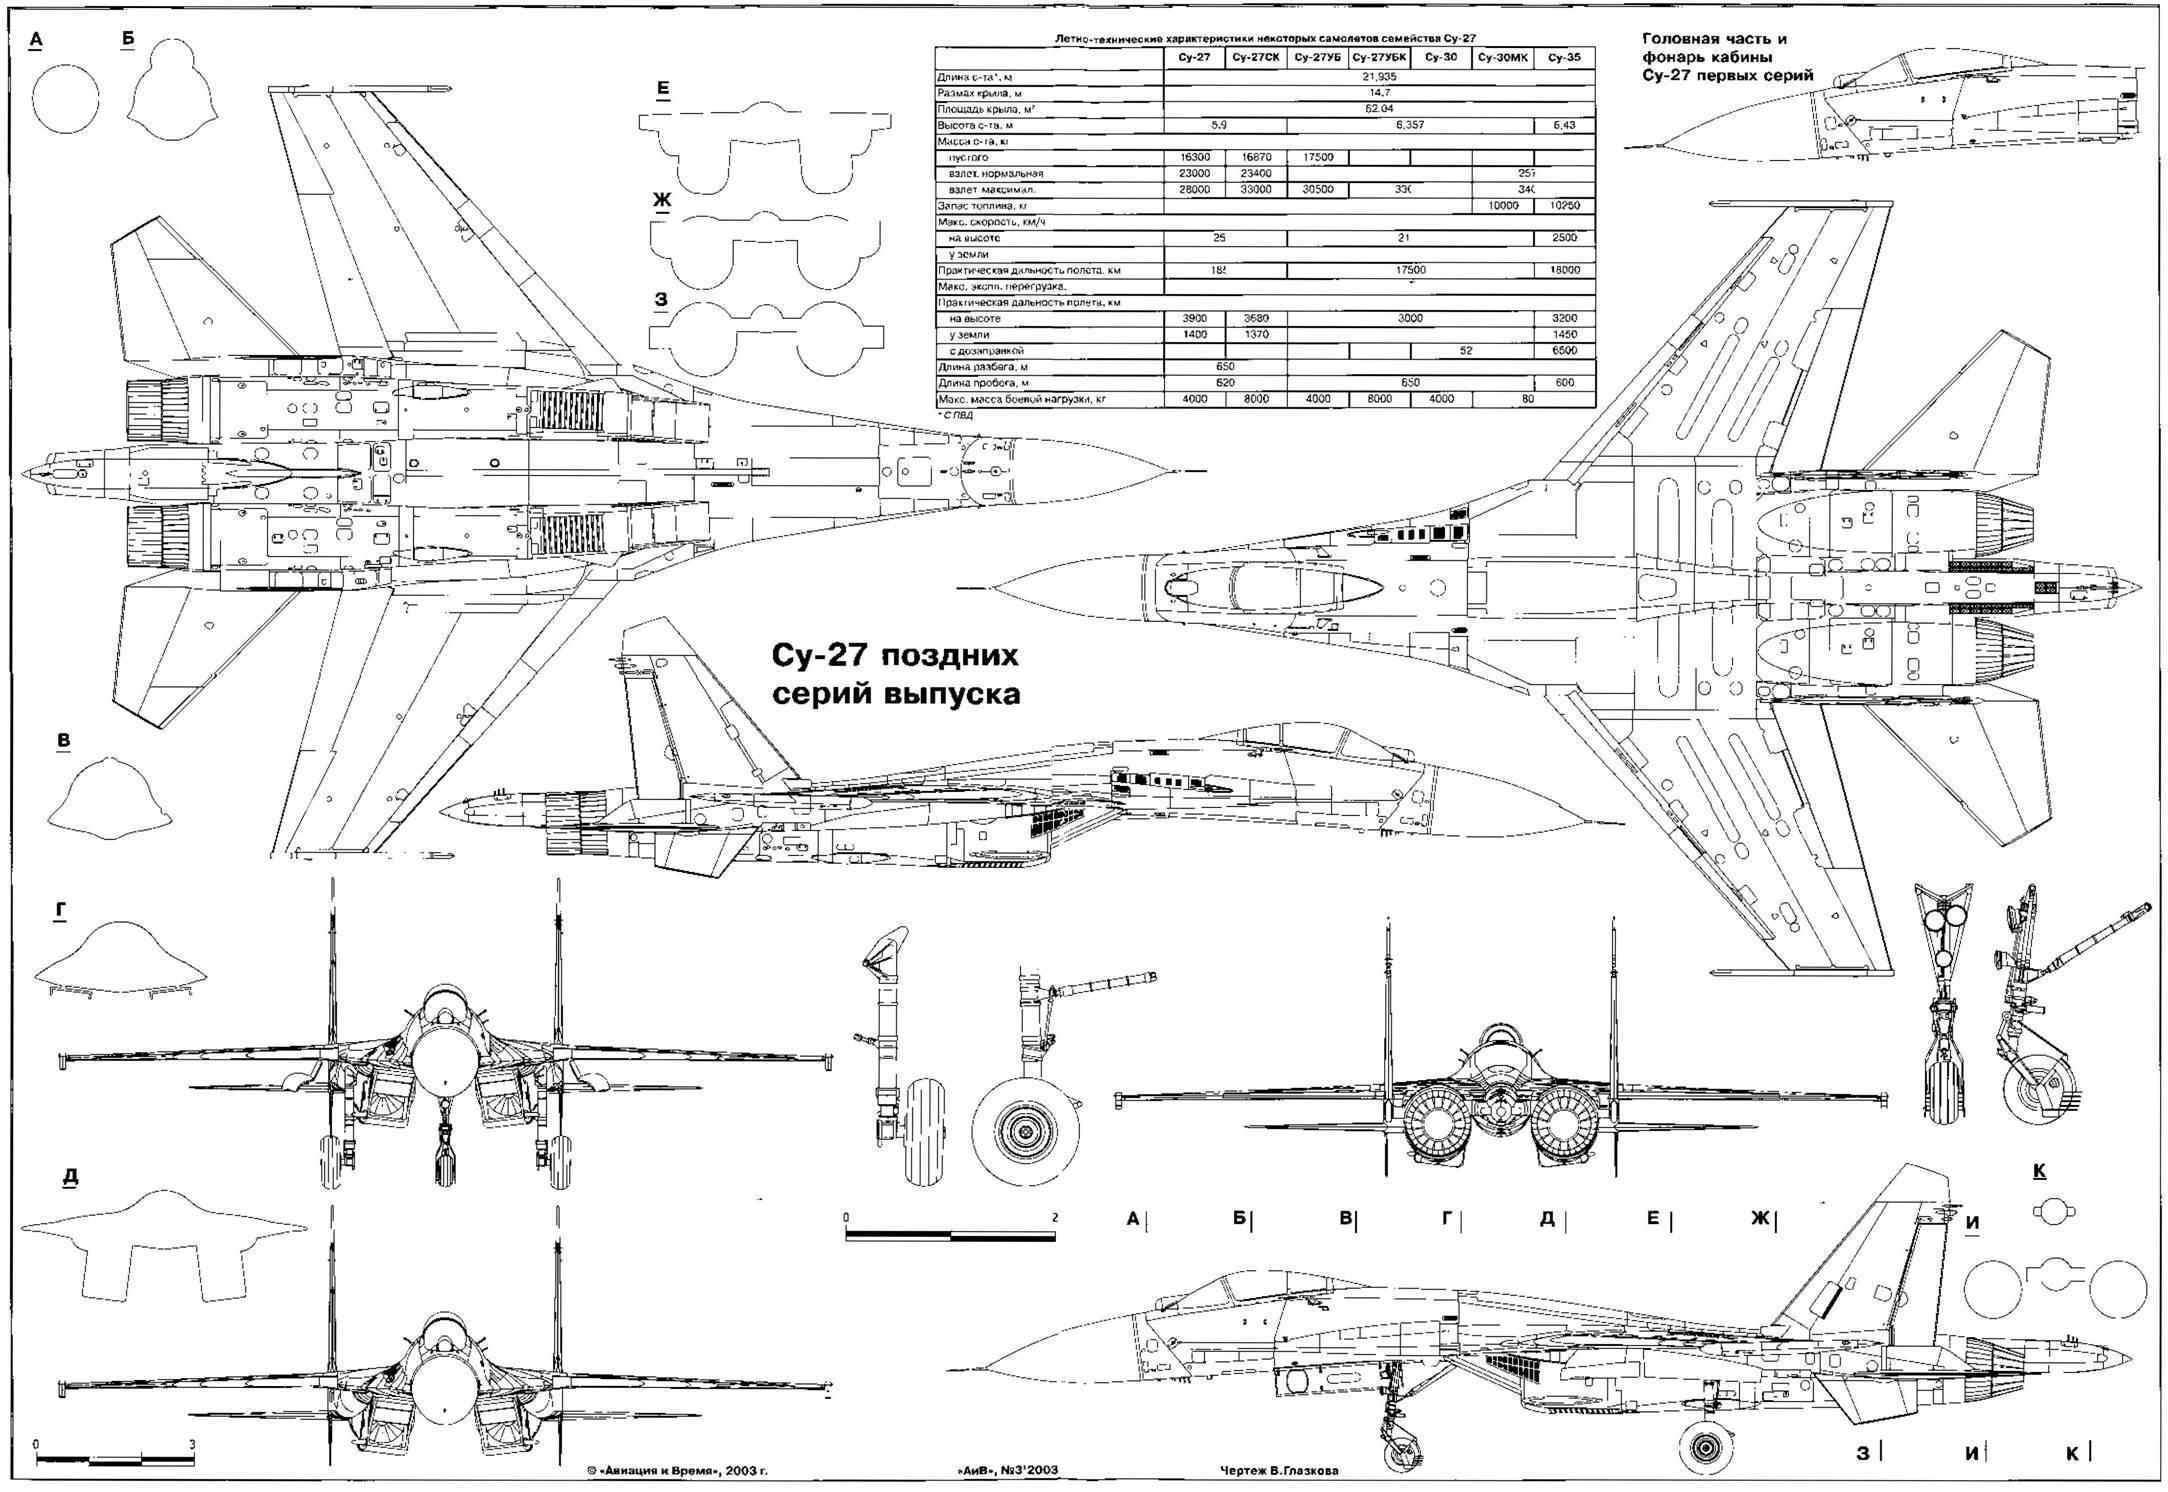 Самолет су-15. фото. история. характеристики